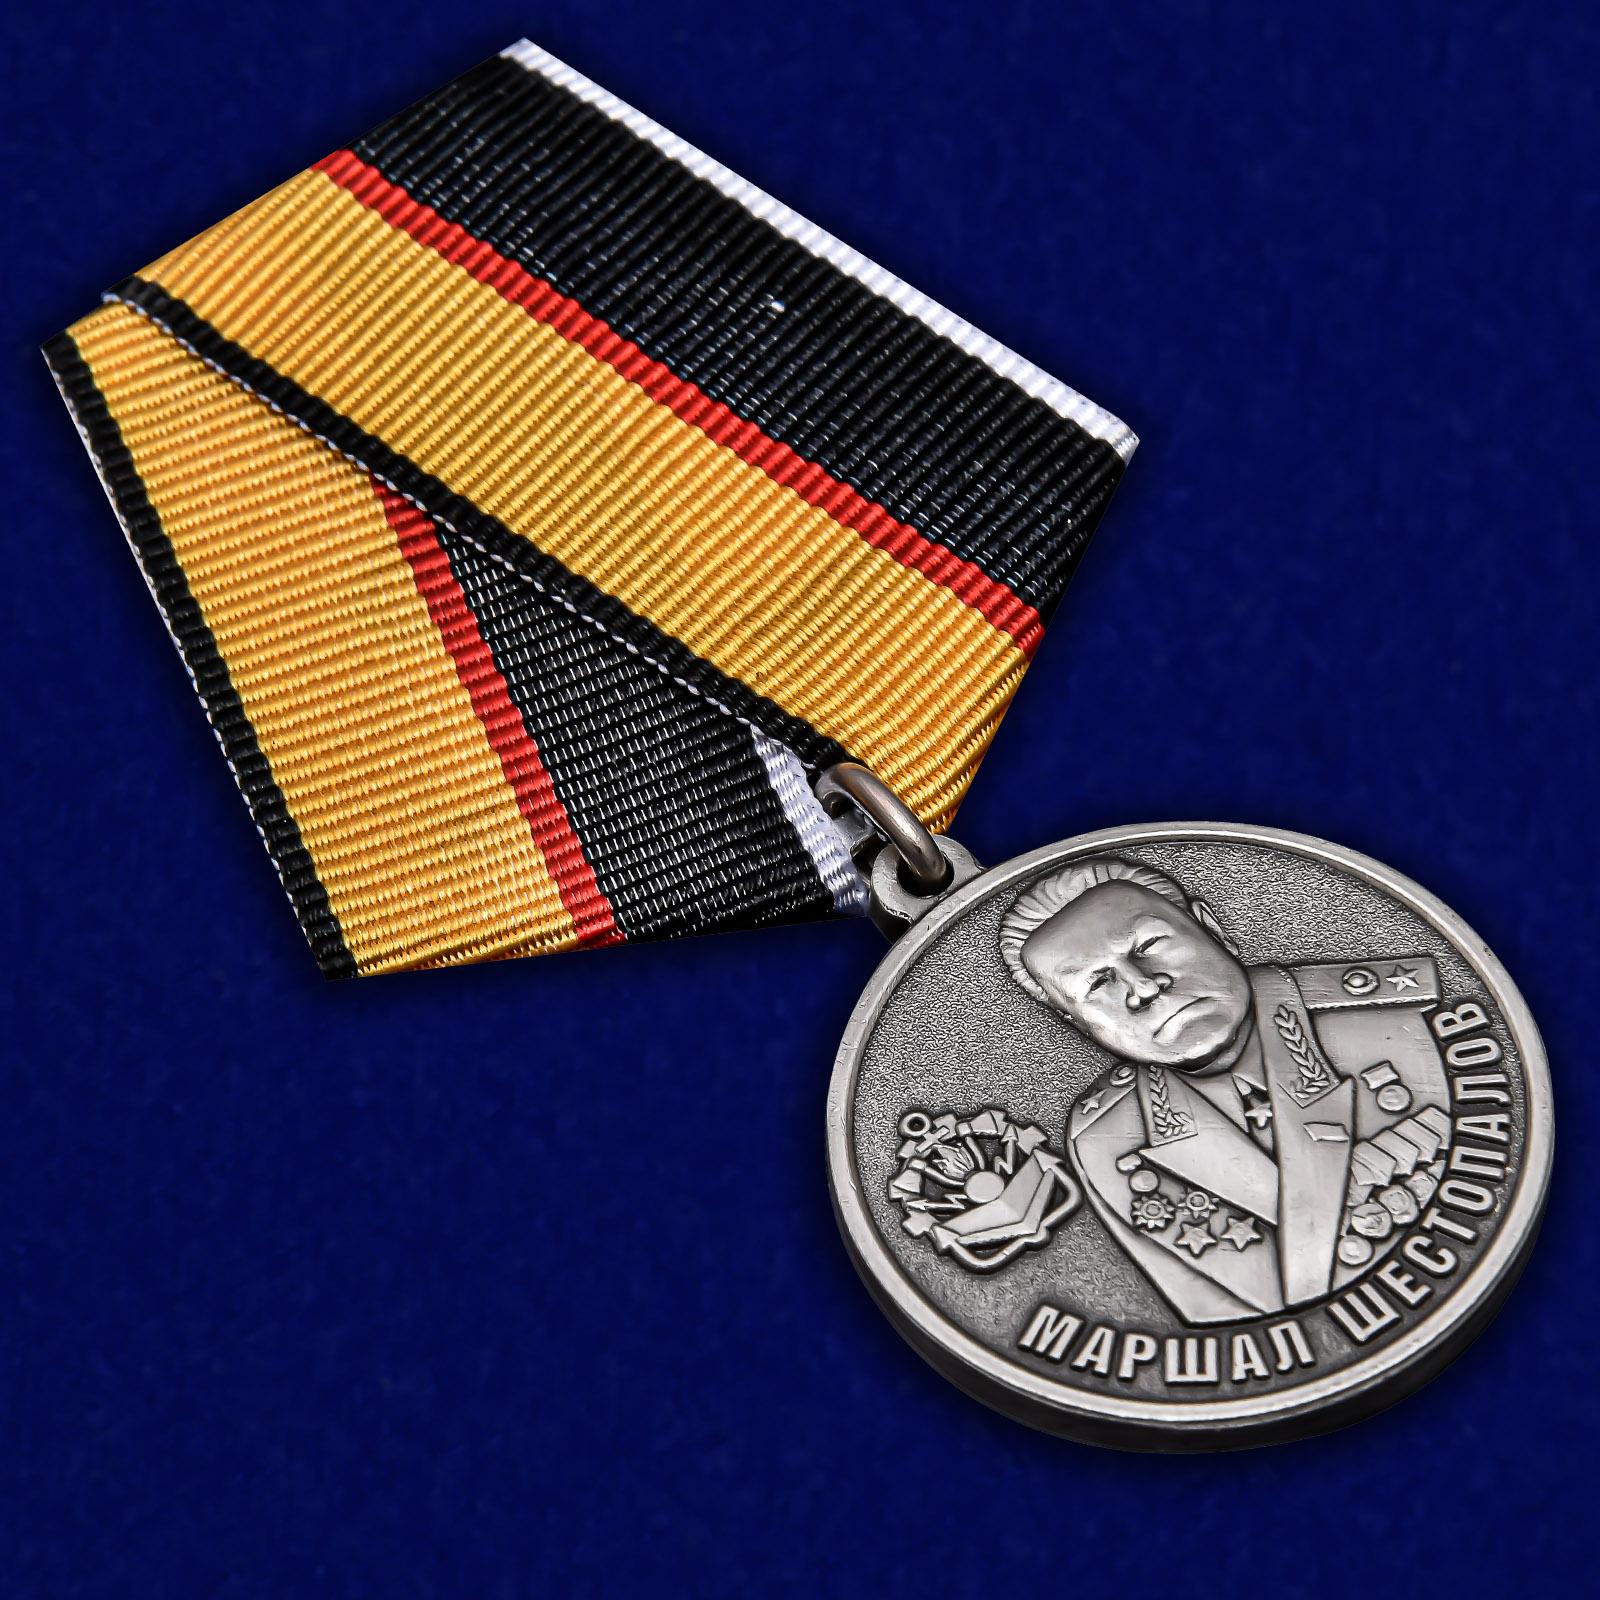 Латунная медаль Маршал Шестопалов МО РФ - общий вид